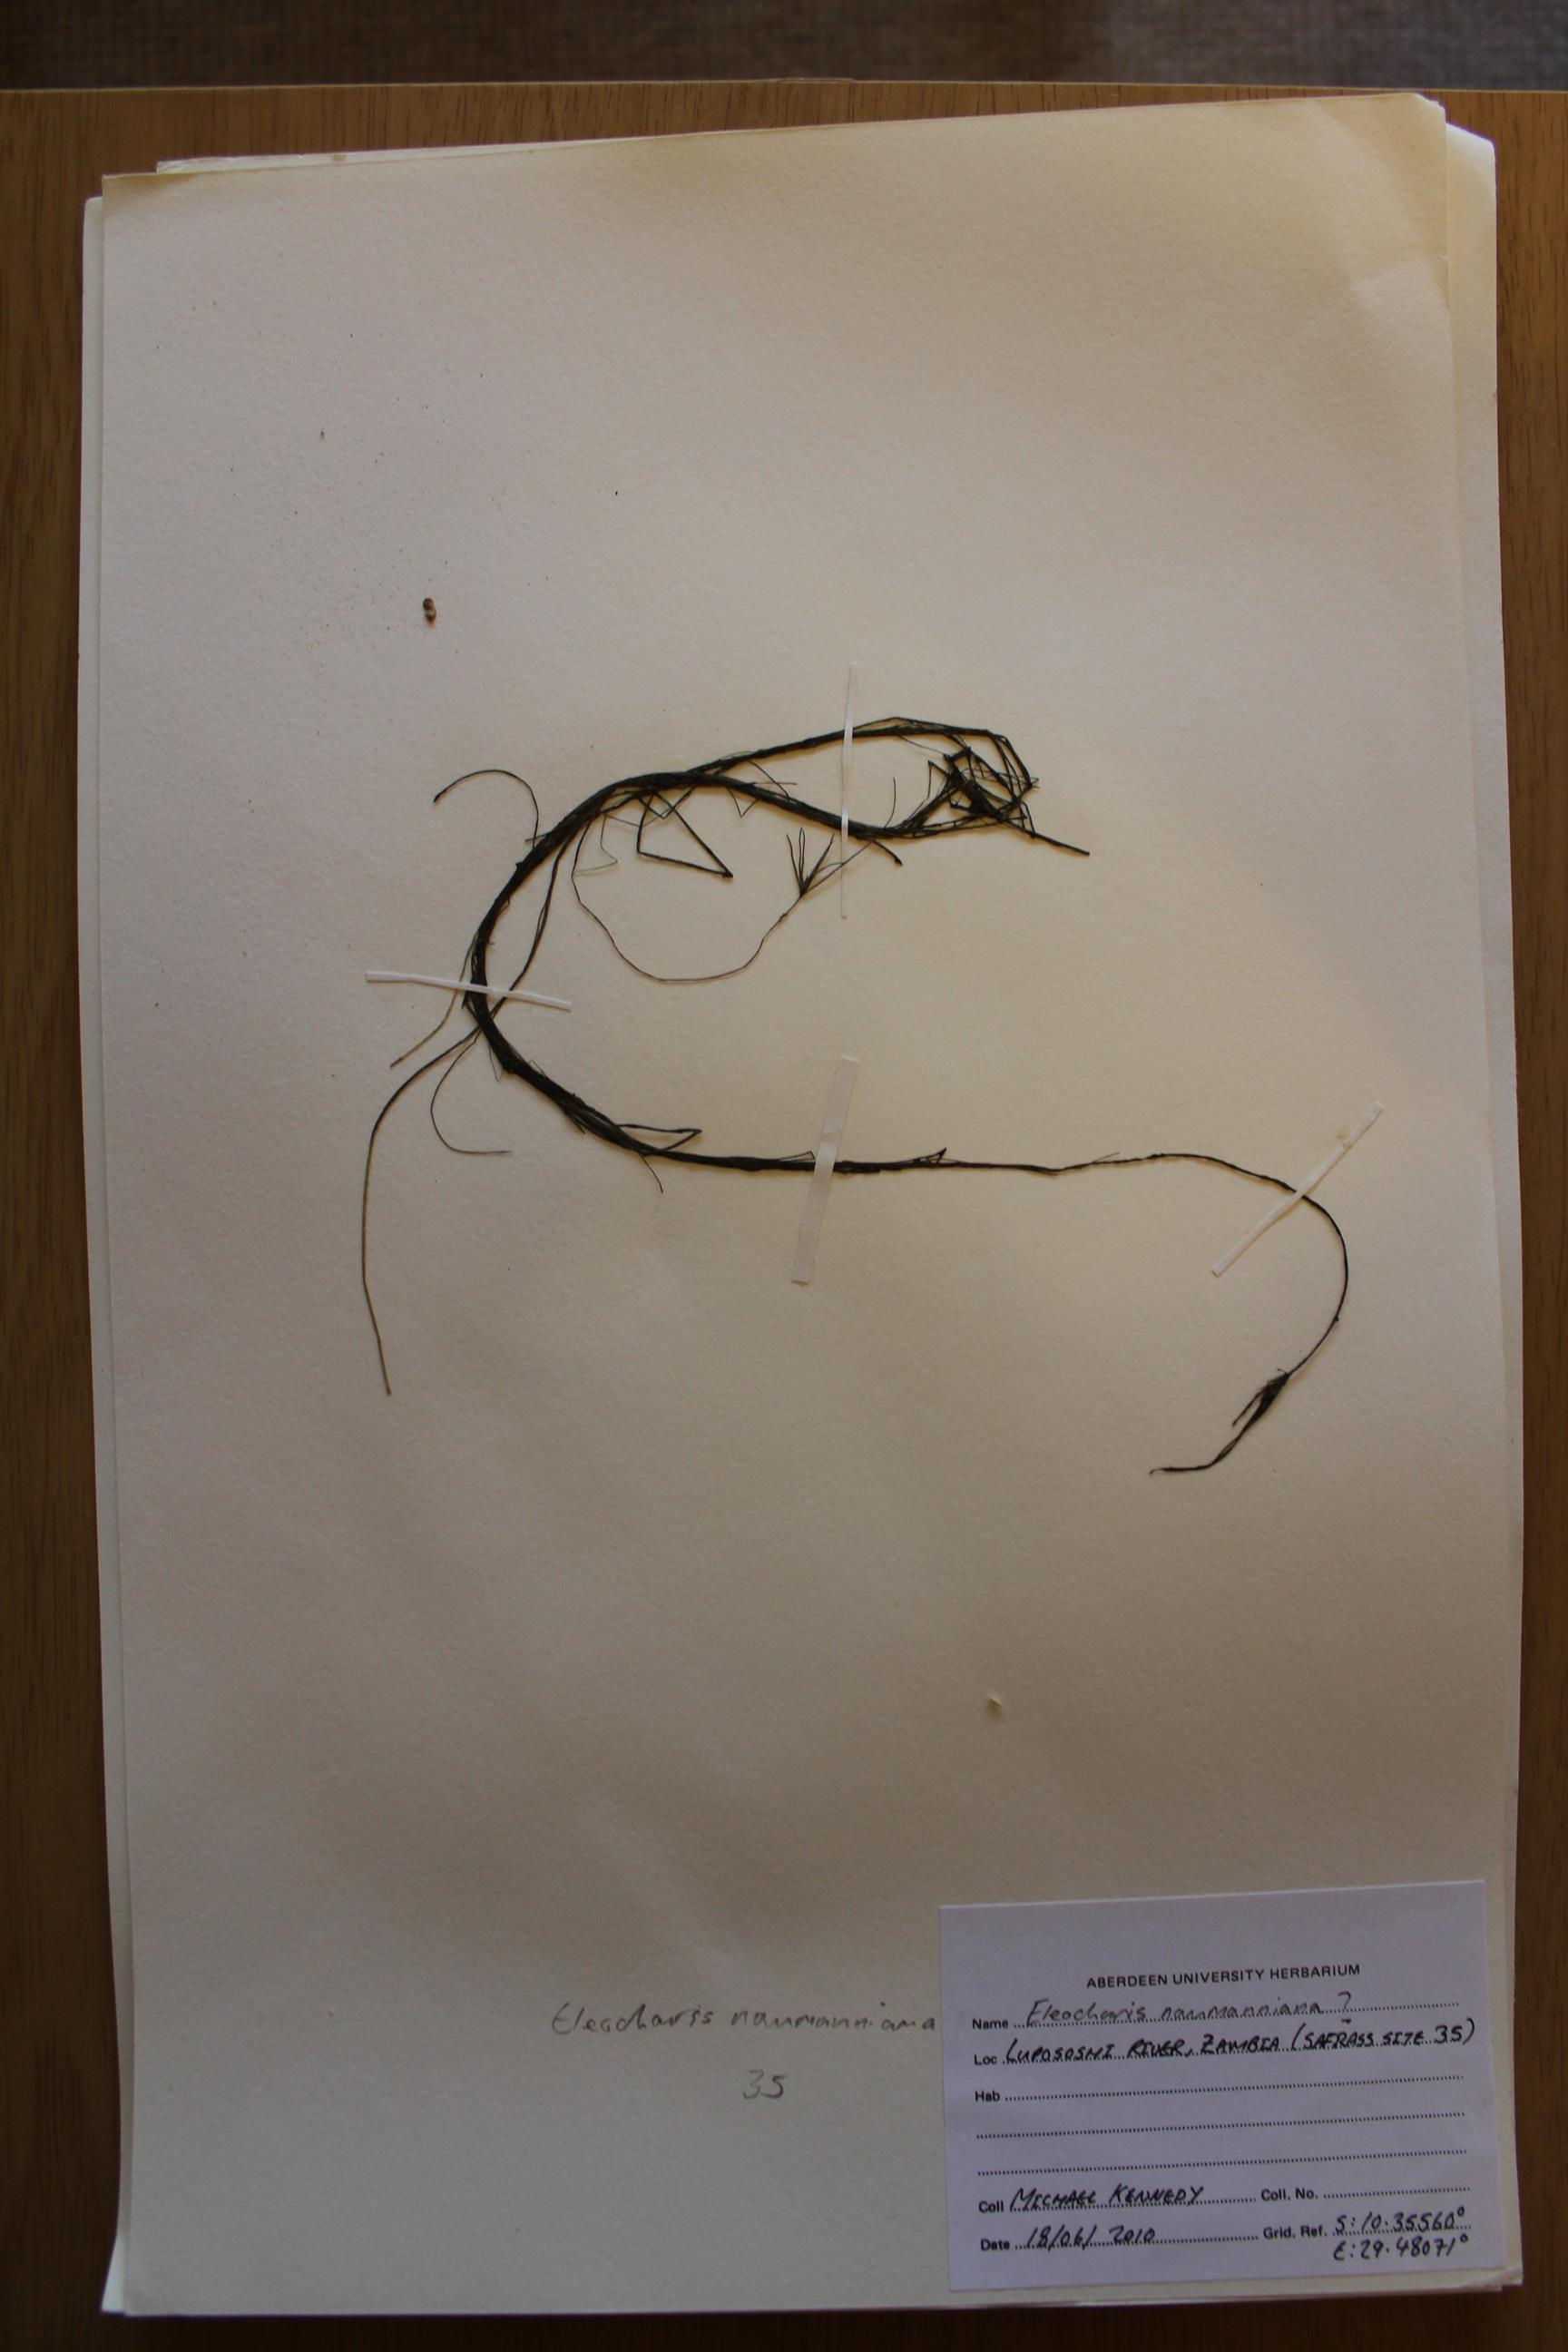 Eleocharis naumanniana var. naumanniana